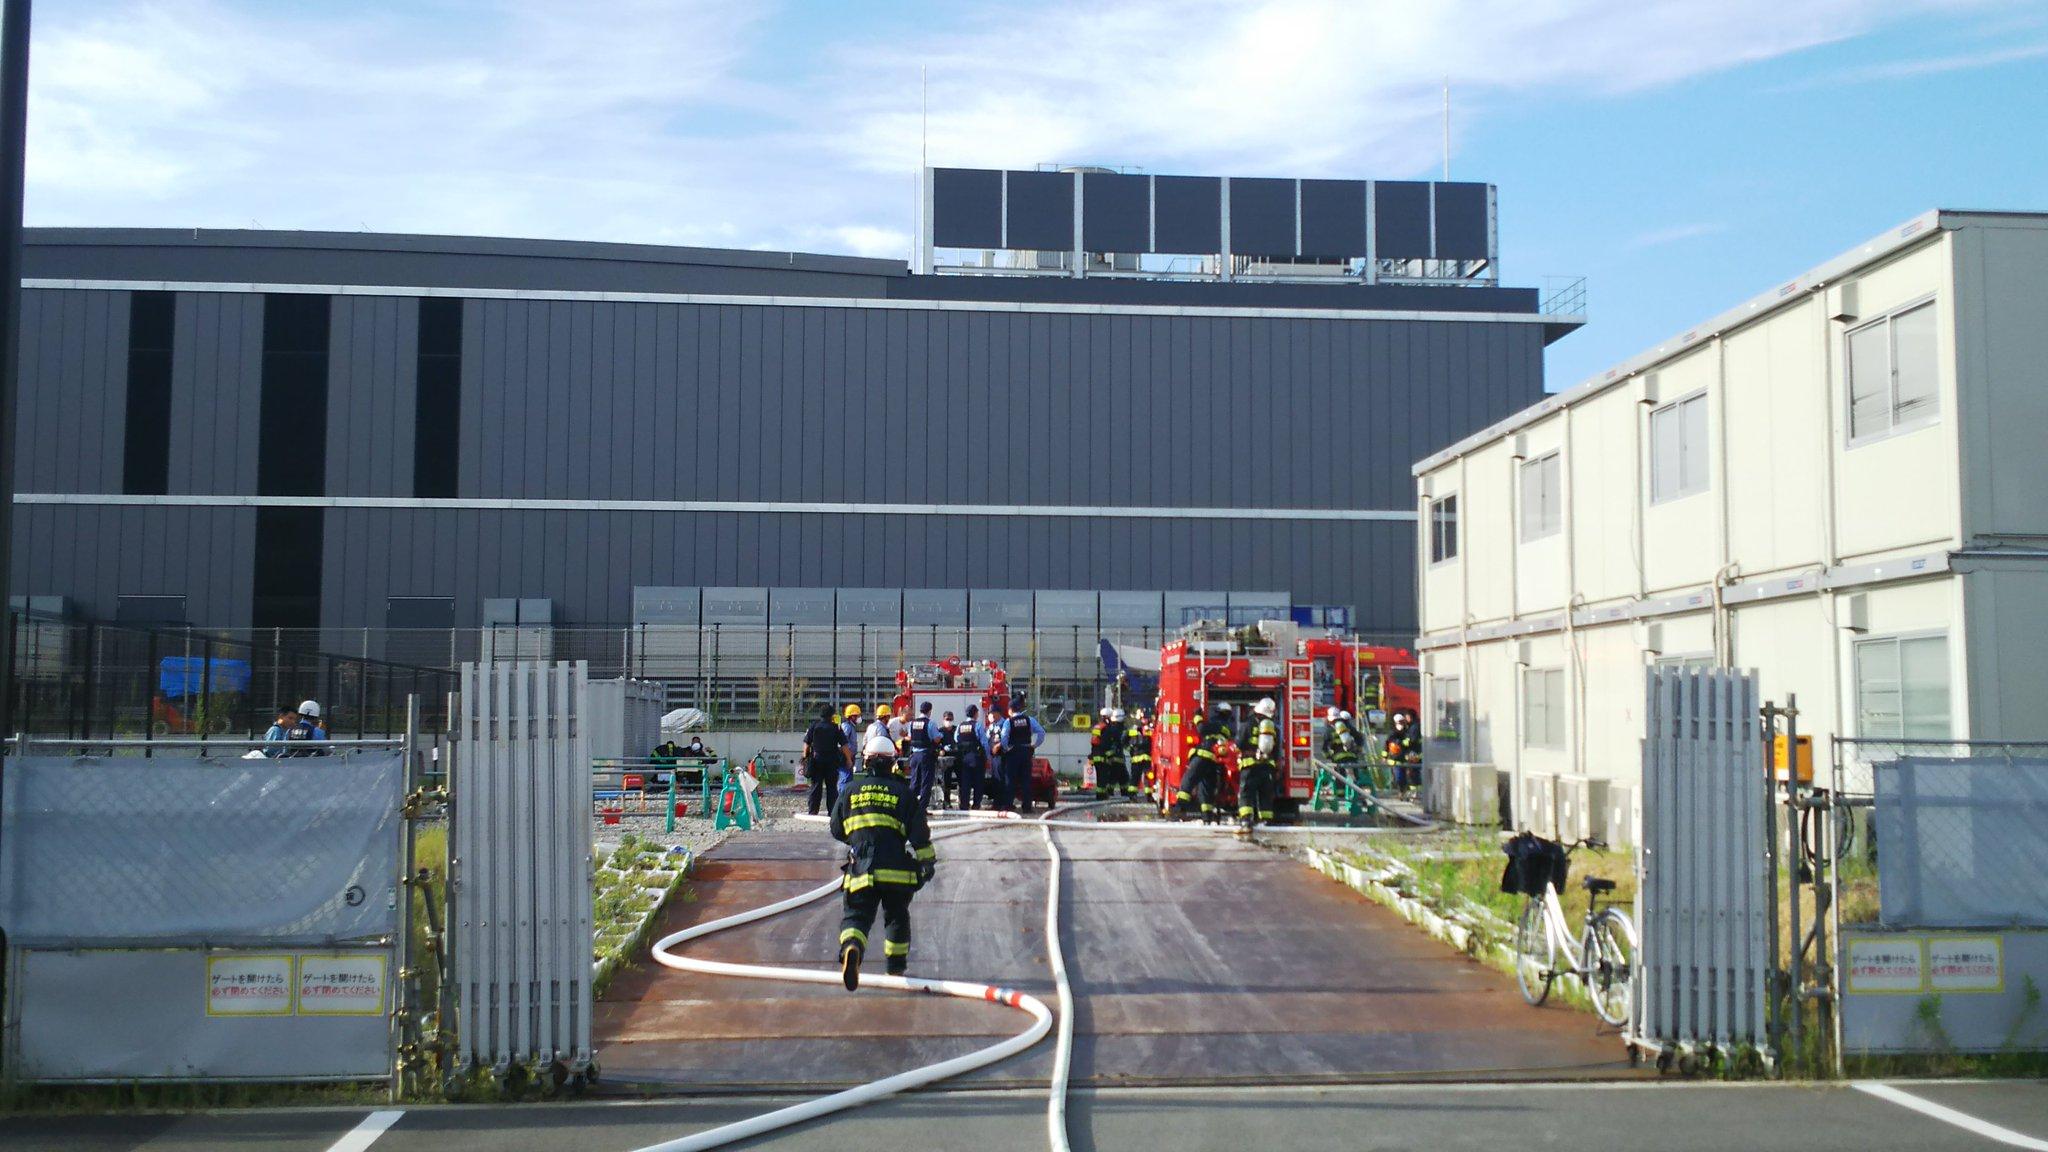 画像,火事は鎮火しました。むかし東芝の工場があった場所です。現在は、大手門学院大学・新キャンパス、福祉施設、住宅などがかるところです。火事は大手通信事業者データセンタ…